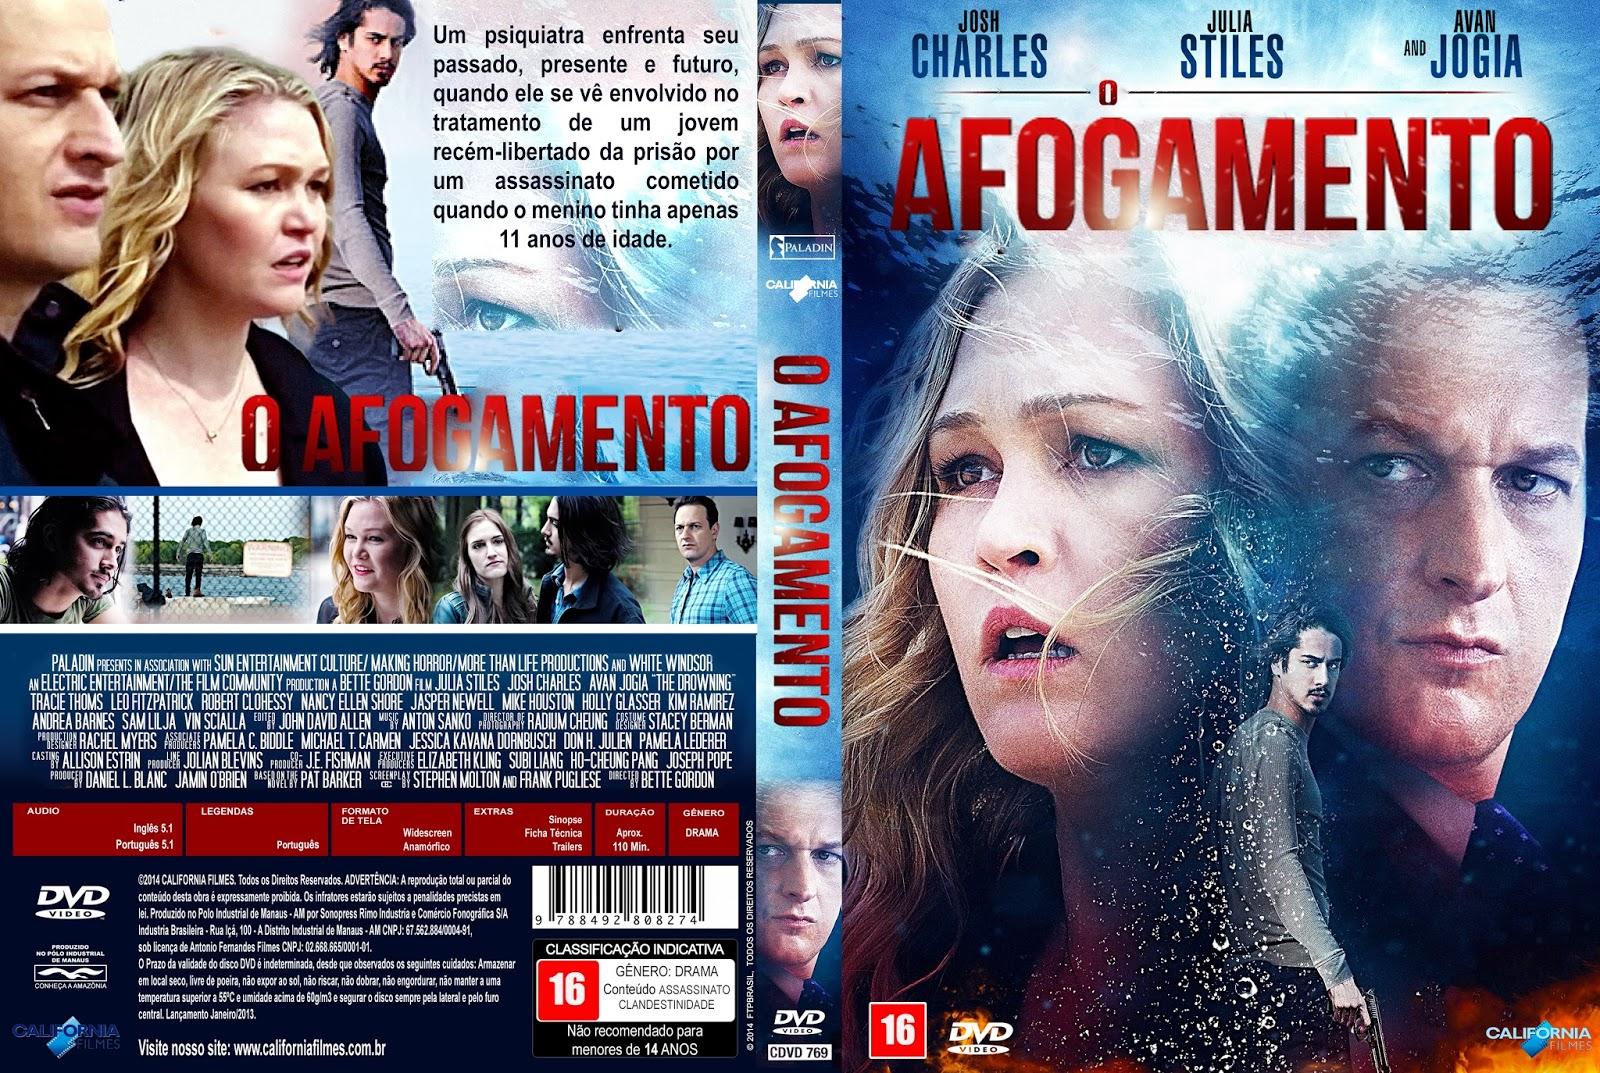 Tudo Capas 04: O Afogamento (2017) - Capa Filme DVD